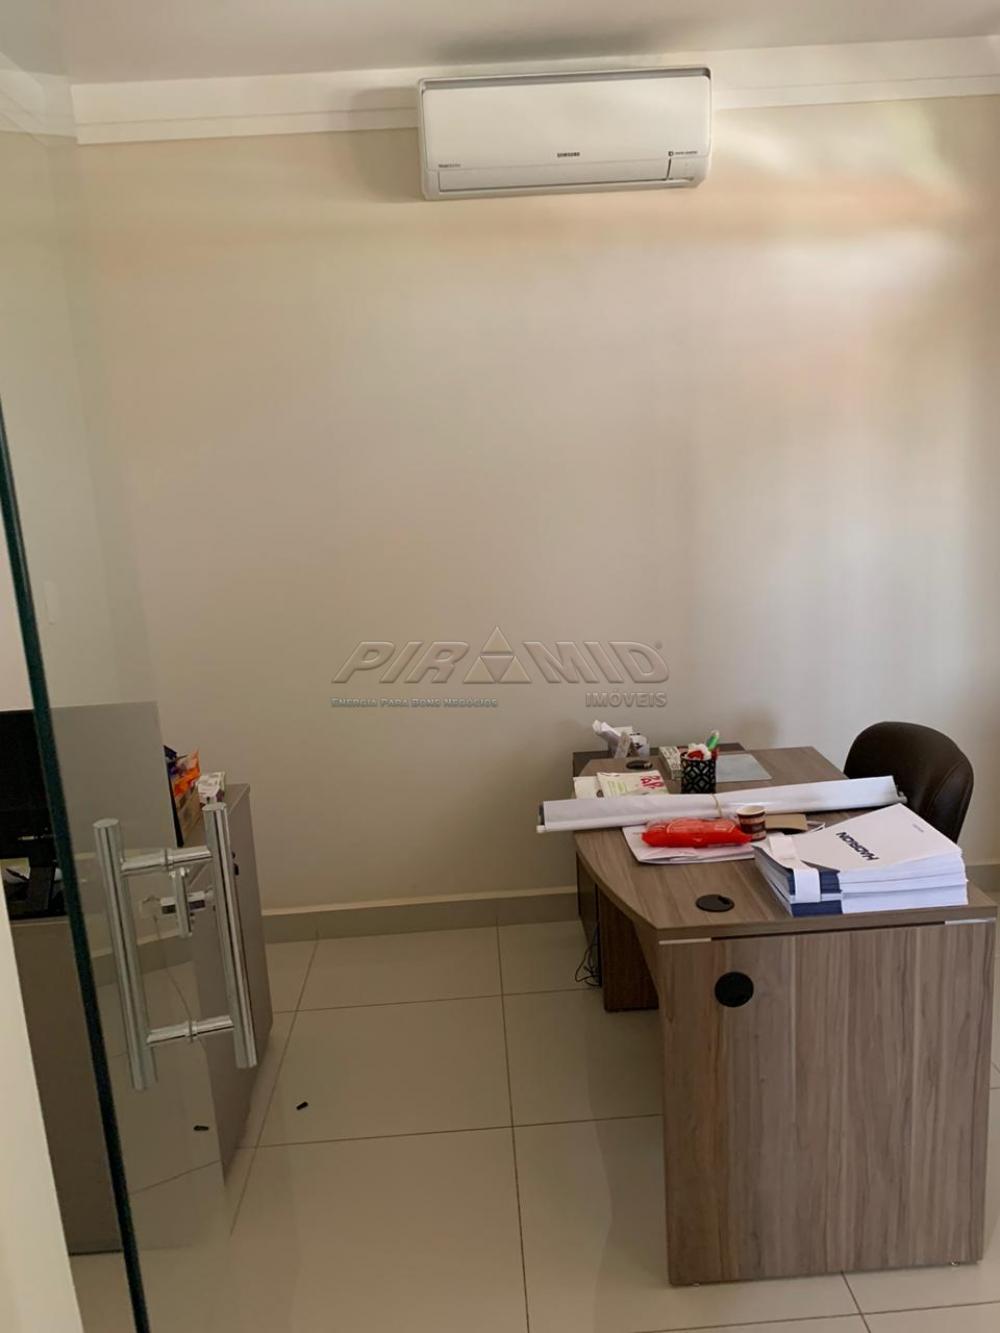 Alugar Comercial / Prédio em Ribeirão Preto apenas R$ 8.000,00 - Foto 16